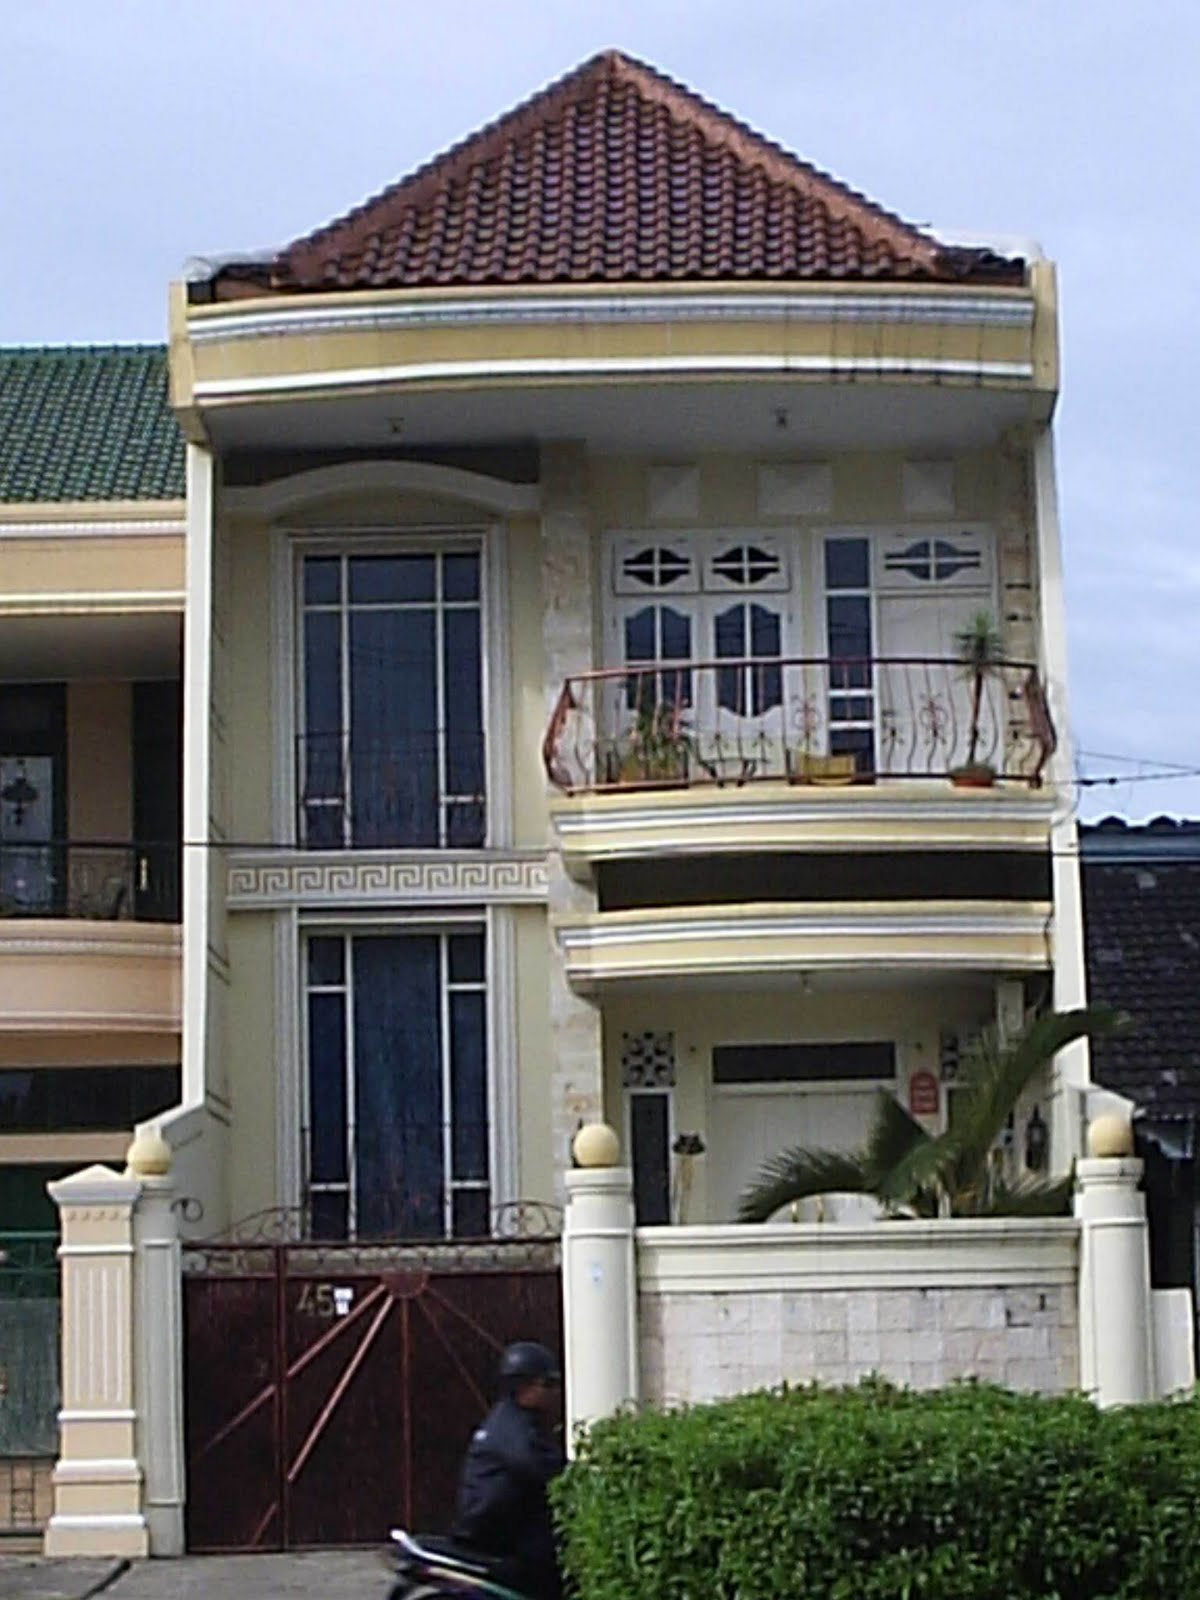 Profil Rumah Minimalis Kumpulan Gambar Rumah